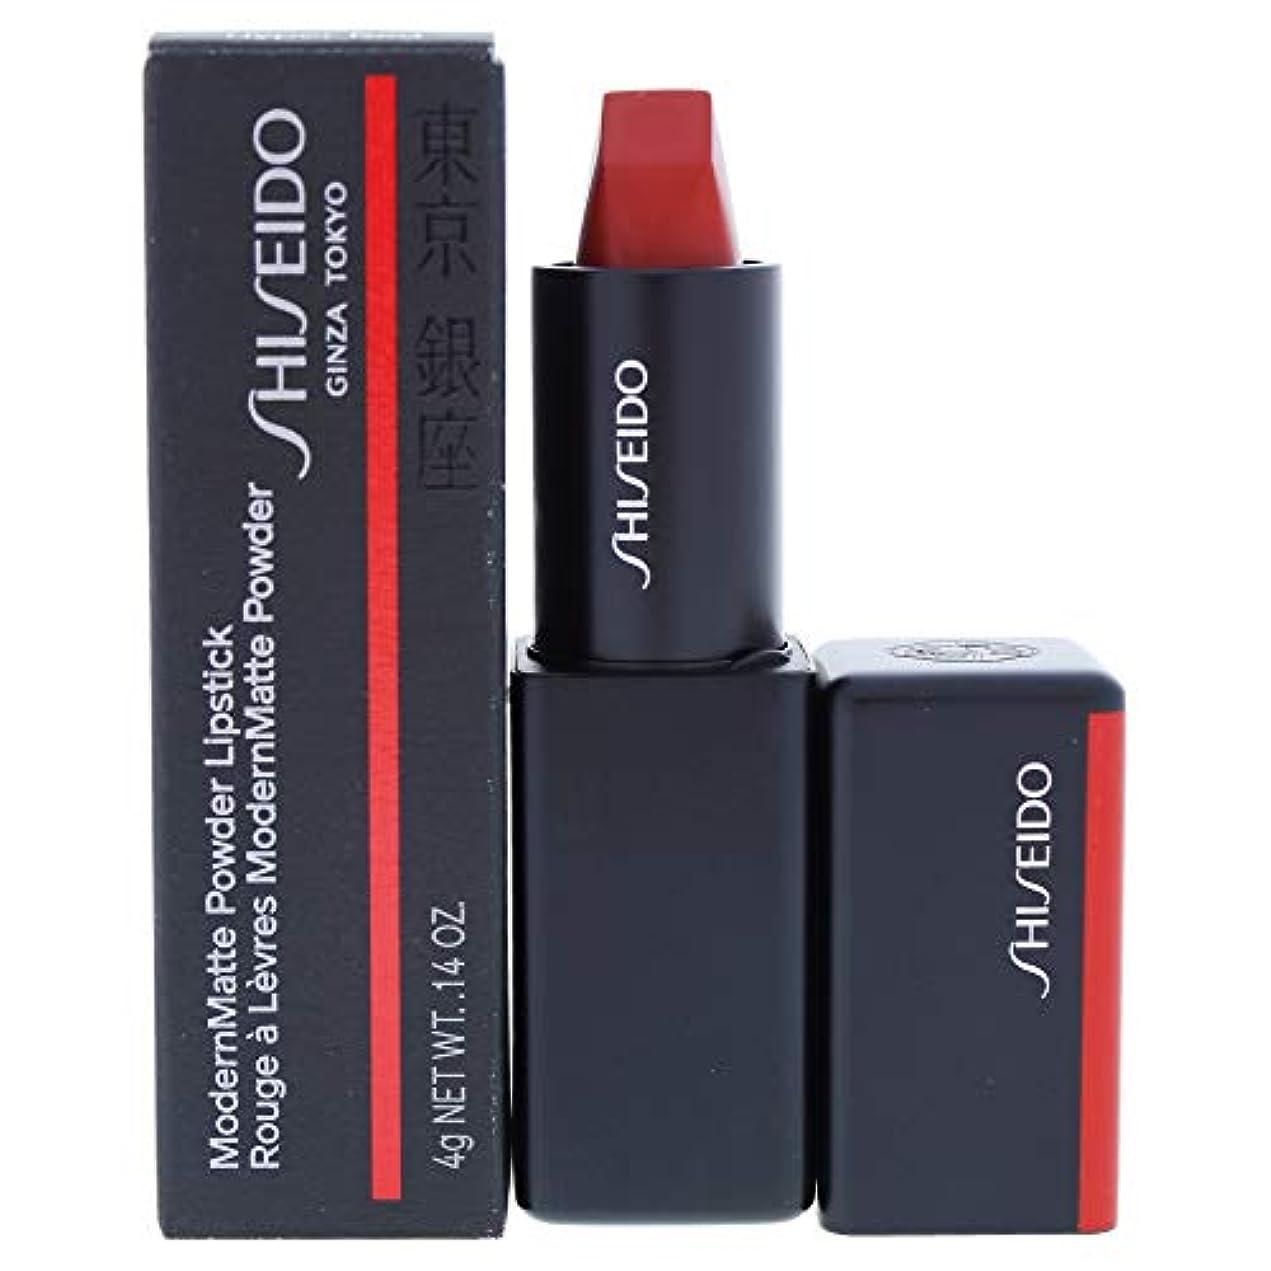 アカデミック換気するジャンピングジャック資生堂 ModernMatte Powder Lipstick - # 514 Hyper Red (True Red) 4g/0.14oz並行輸入品